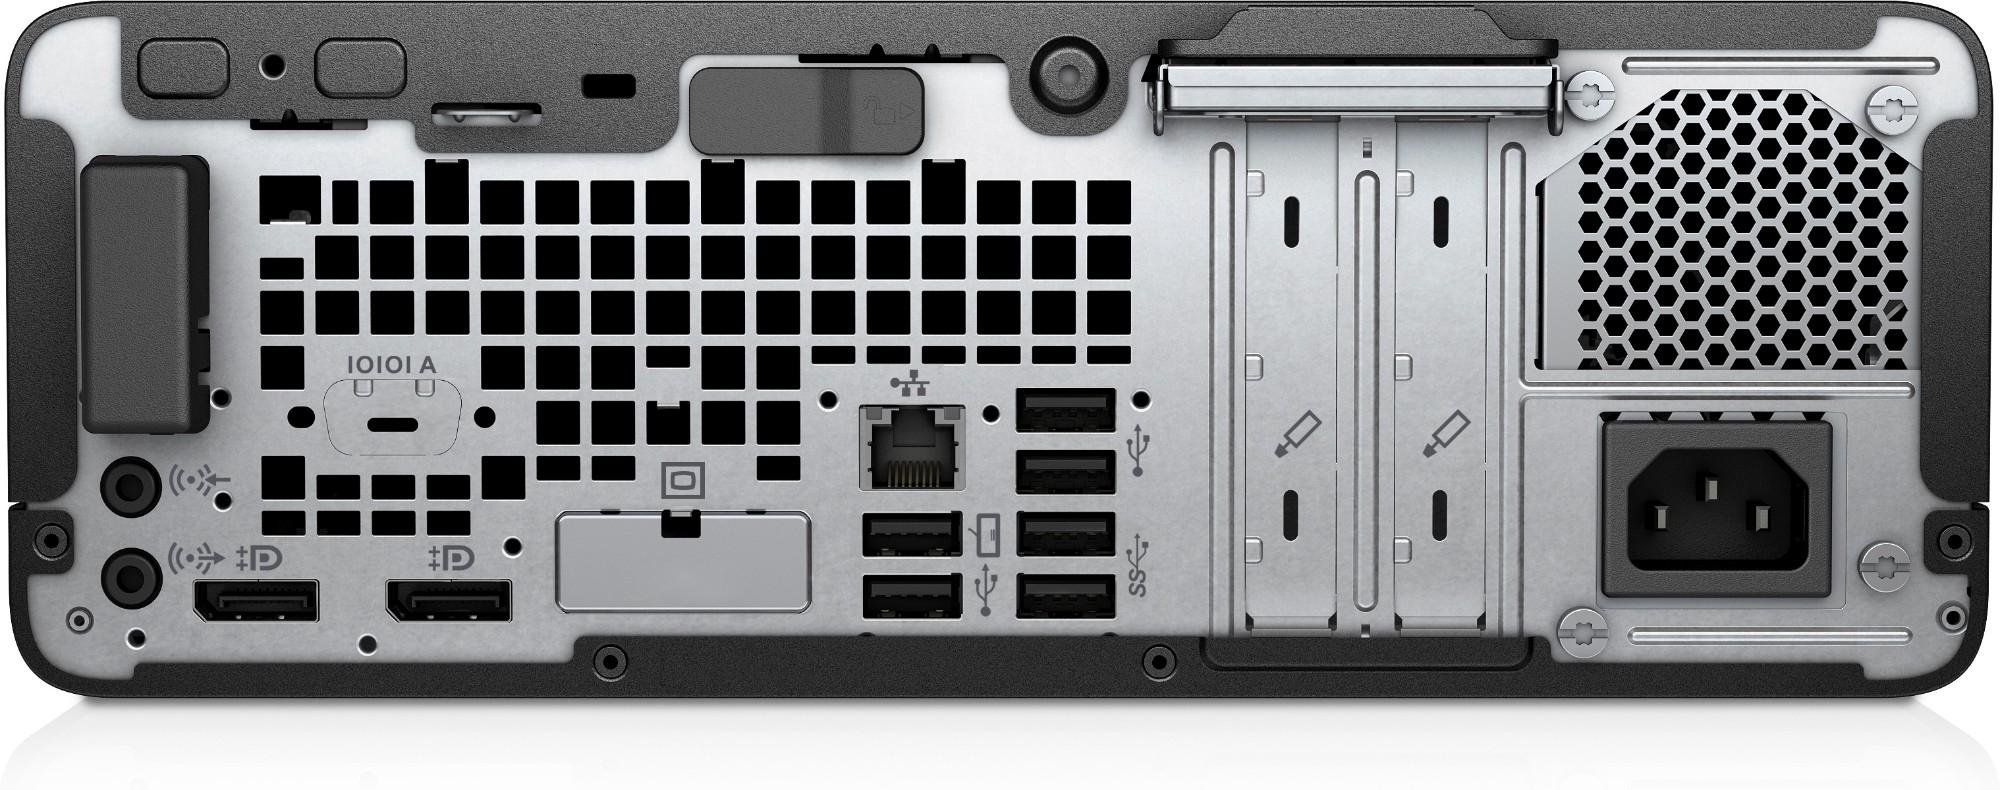 HP EliteDesk 705 G4 3 6 GHz AMD Ryzen 5 2400G Black,Silver SFF PC